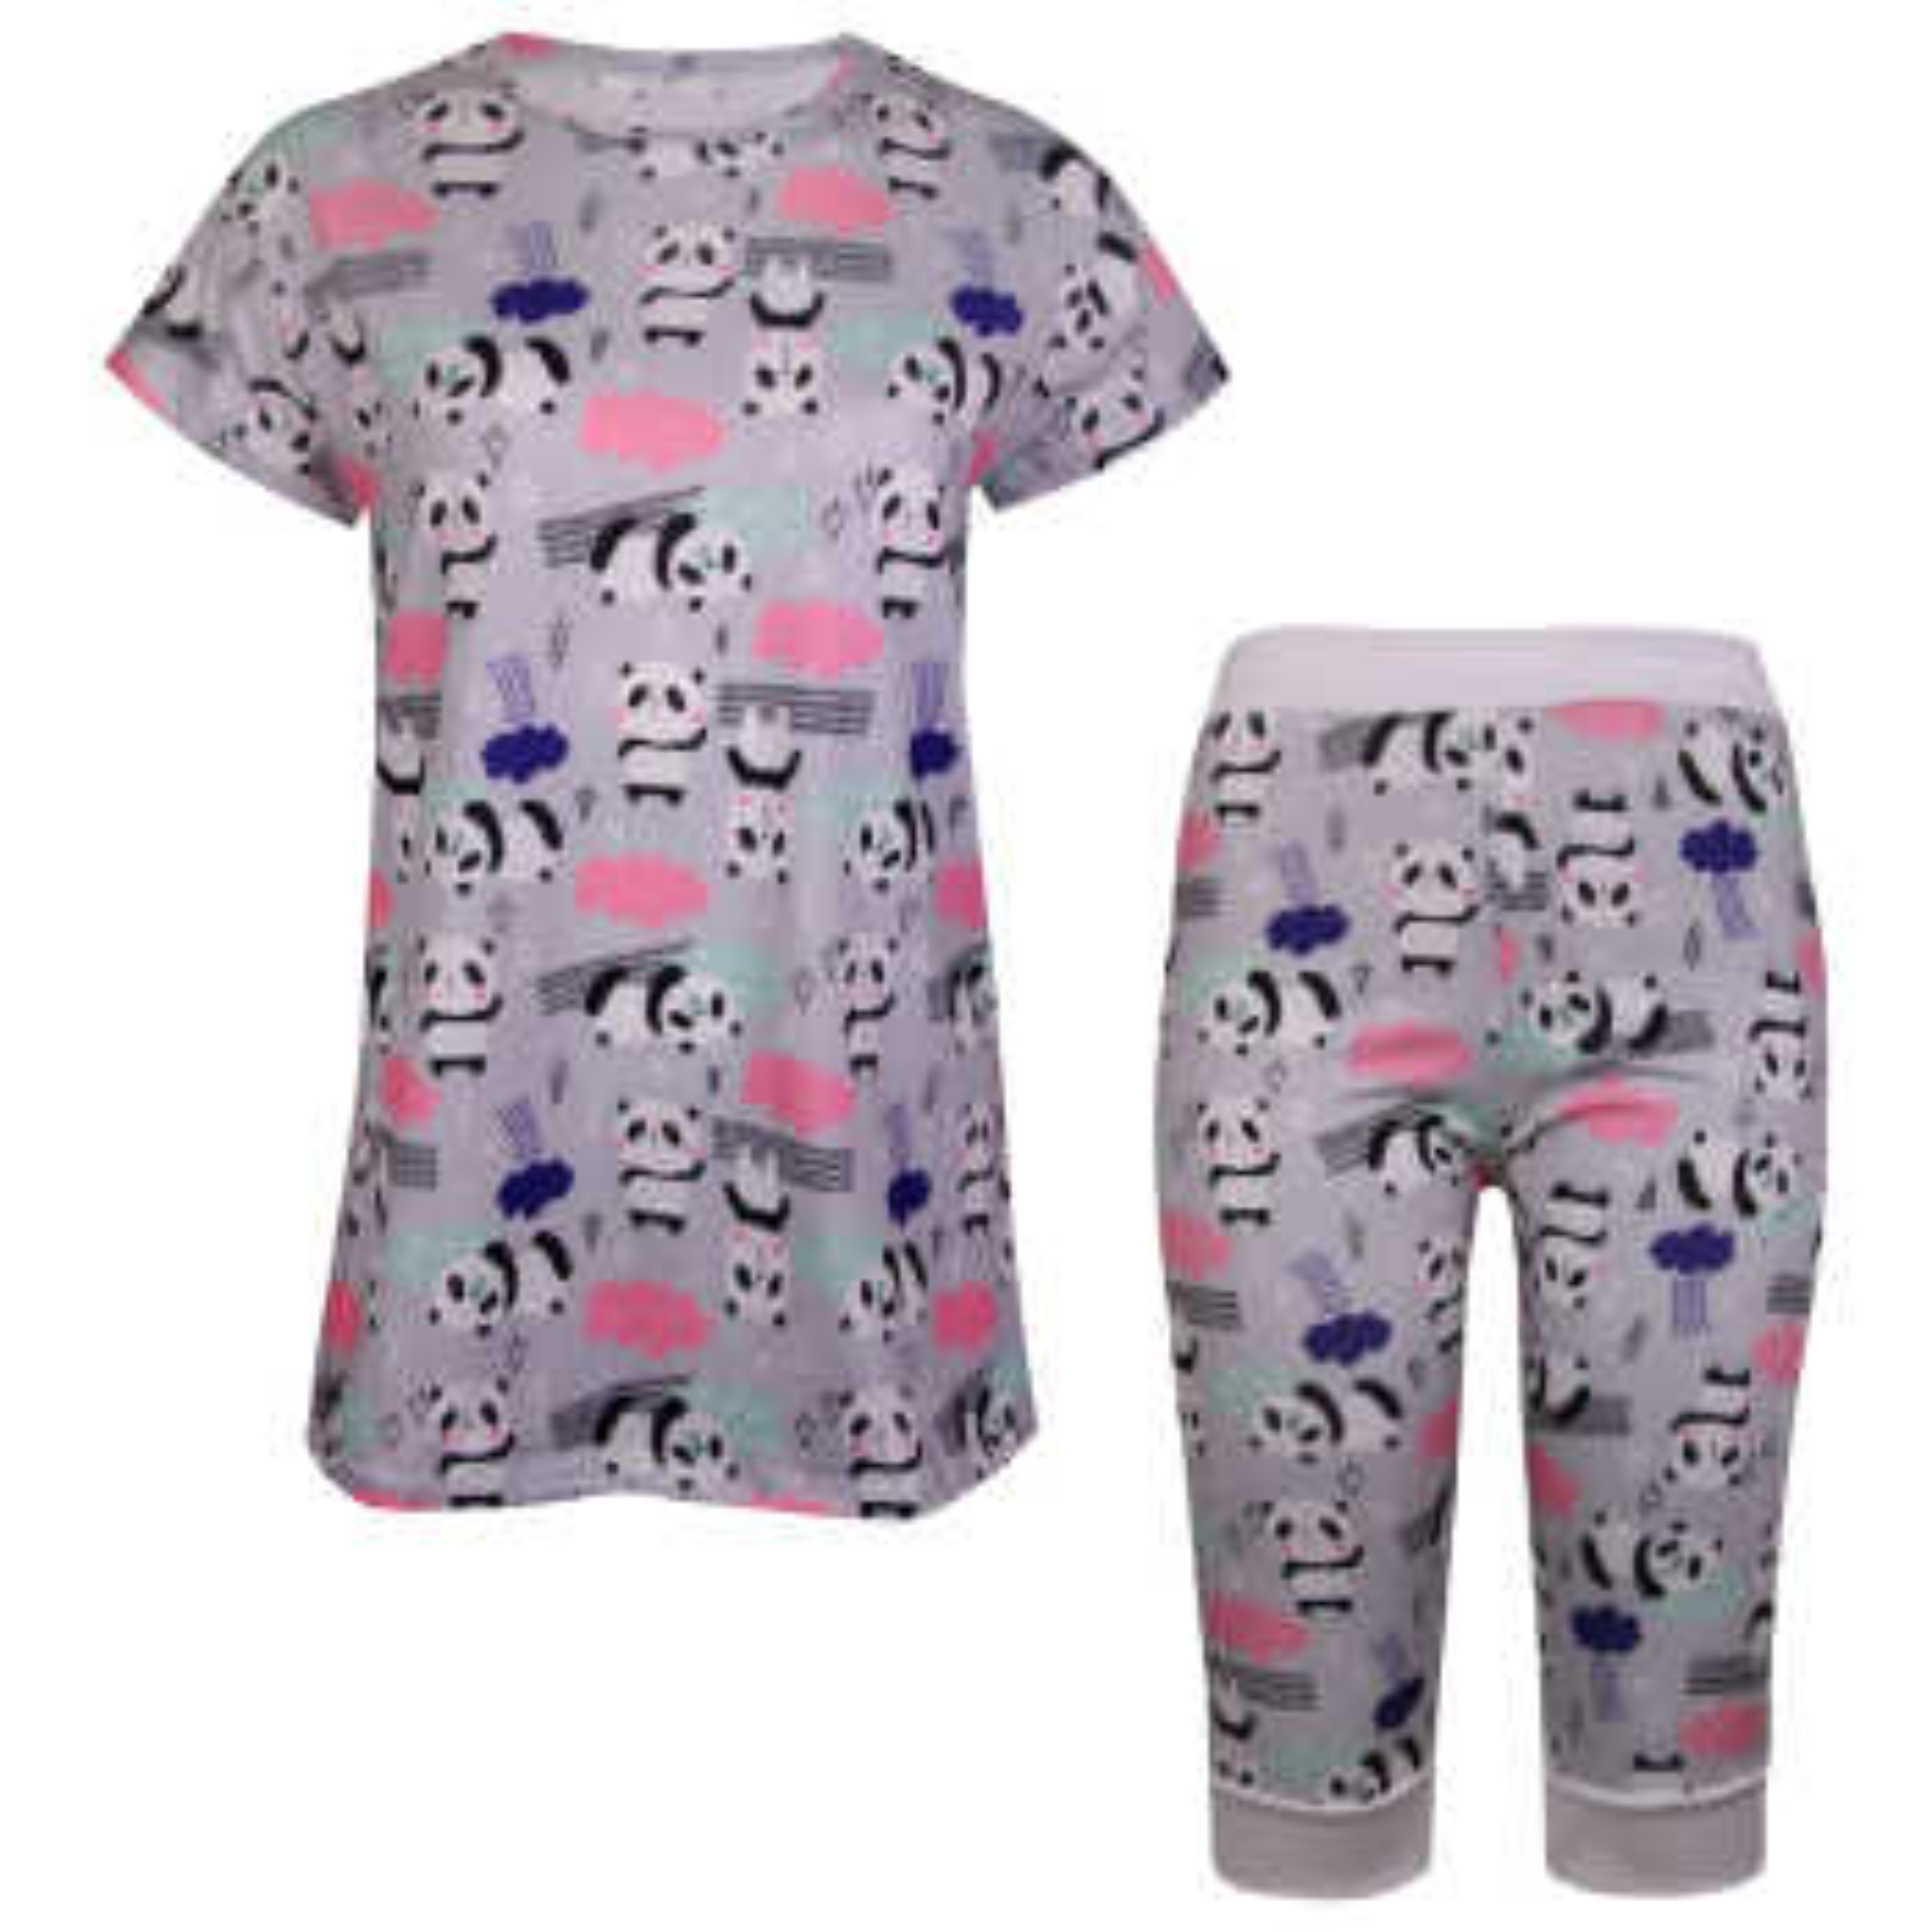 ست تی شرت و شلوارک زنانه ماییلدا مدل 3586-1